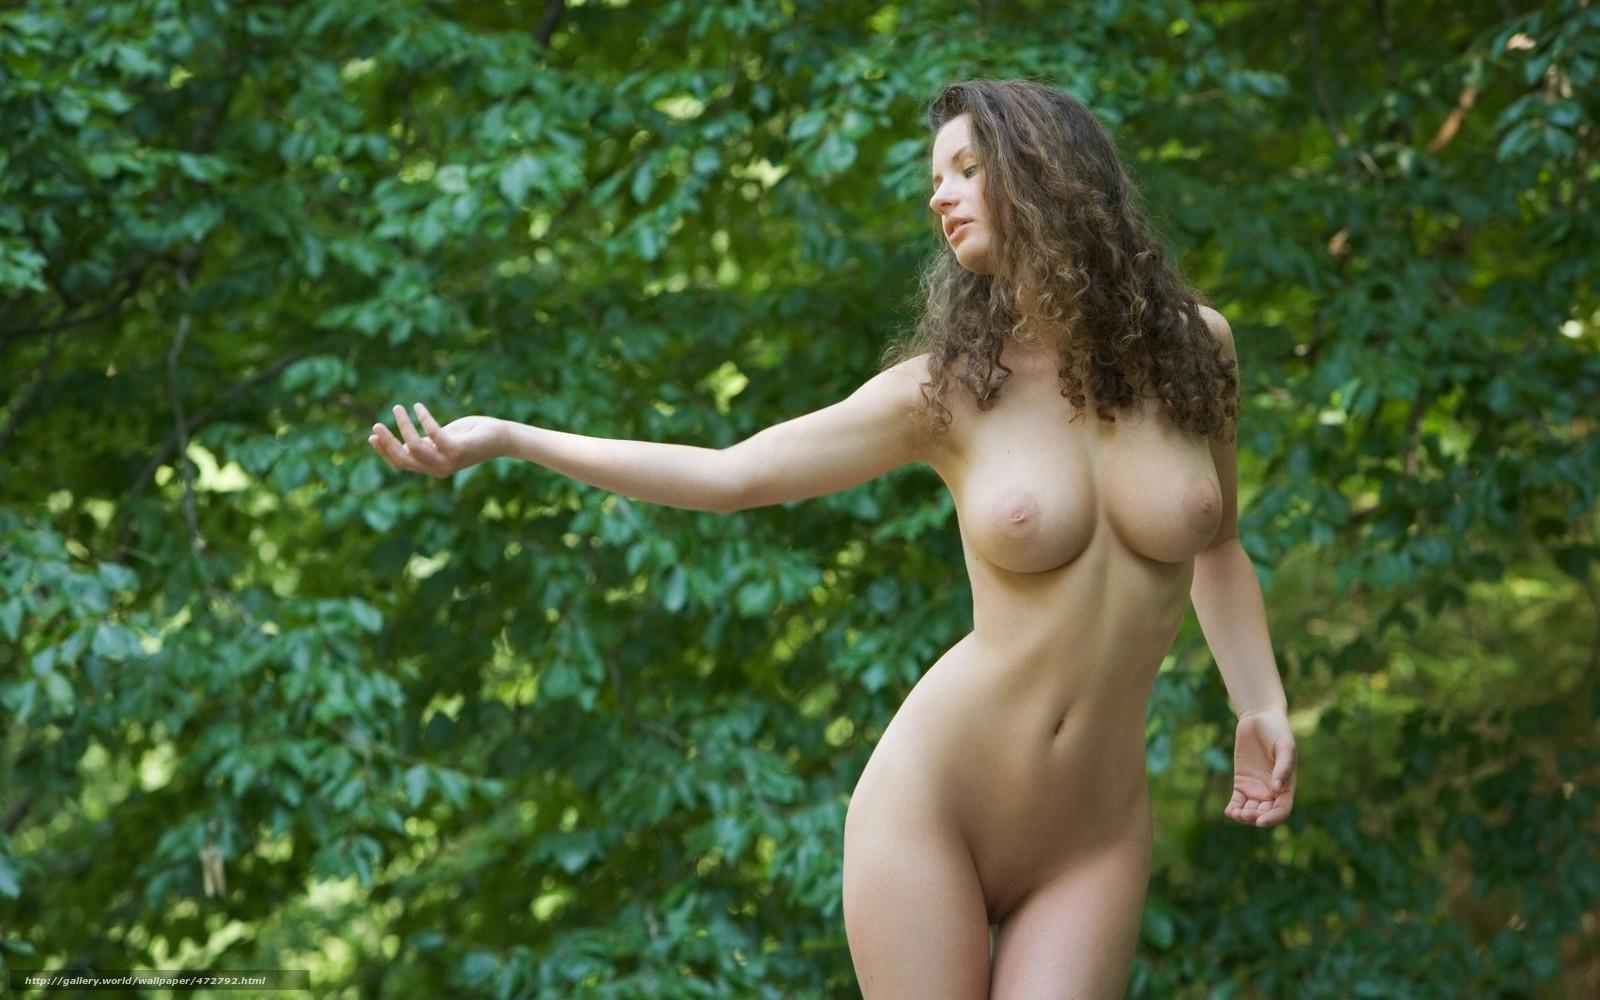 Фигуристая девица в масле позирует рядом с красивой машиной в лесу 5 фотография